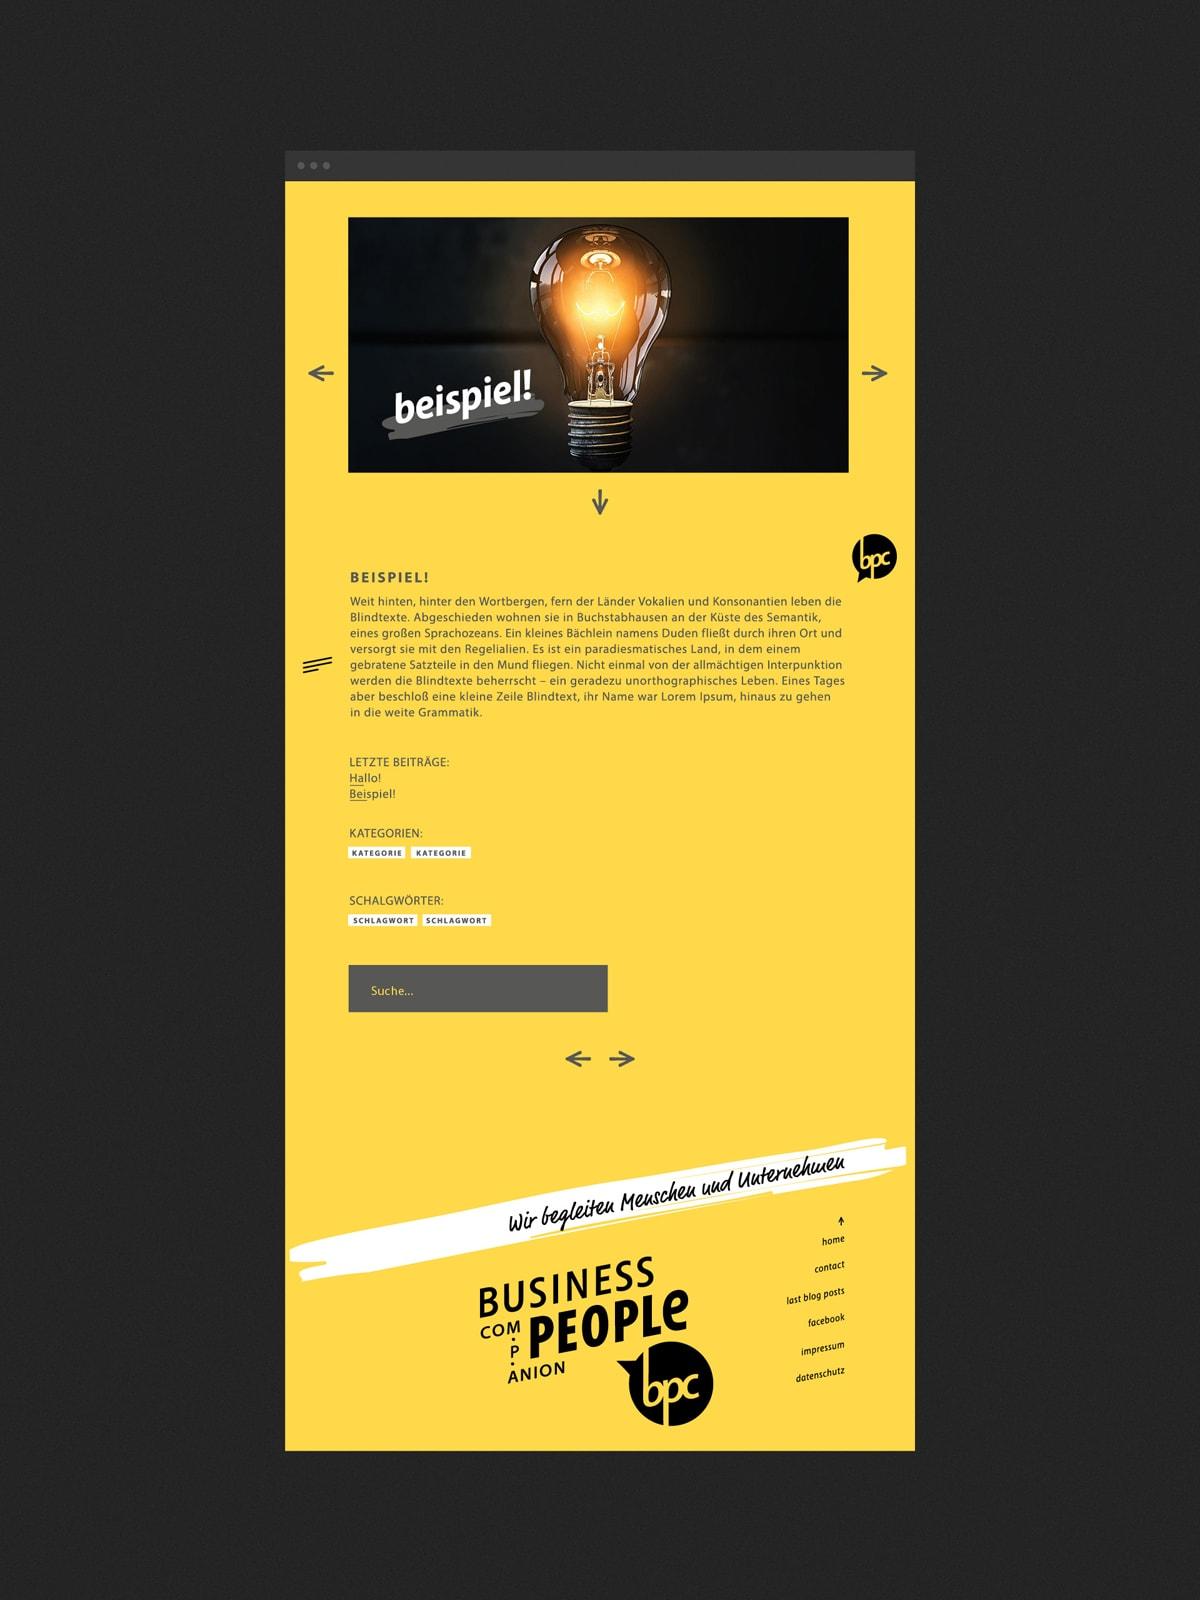 Screendesign/ Webdesign für eine Unternehmensberatung mit Firmensitz in der Region Trier/ Luxembourg. Layout für die Blogbeiträge Text und Bild. Eine Konzeption der Designagentur mieker - Konzept Design Strategie. Leistungen: Kommunikationskonzept, Corporate Website, Screendesign, Webdesign, UX Design, Printdesign, Corporate Design und Logodesign.